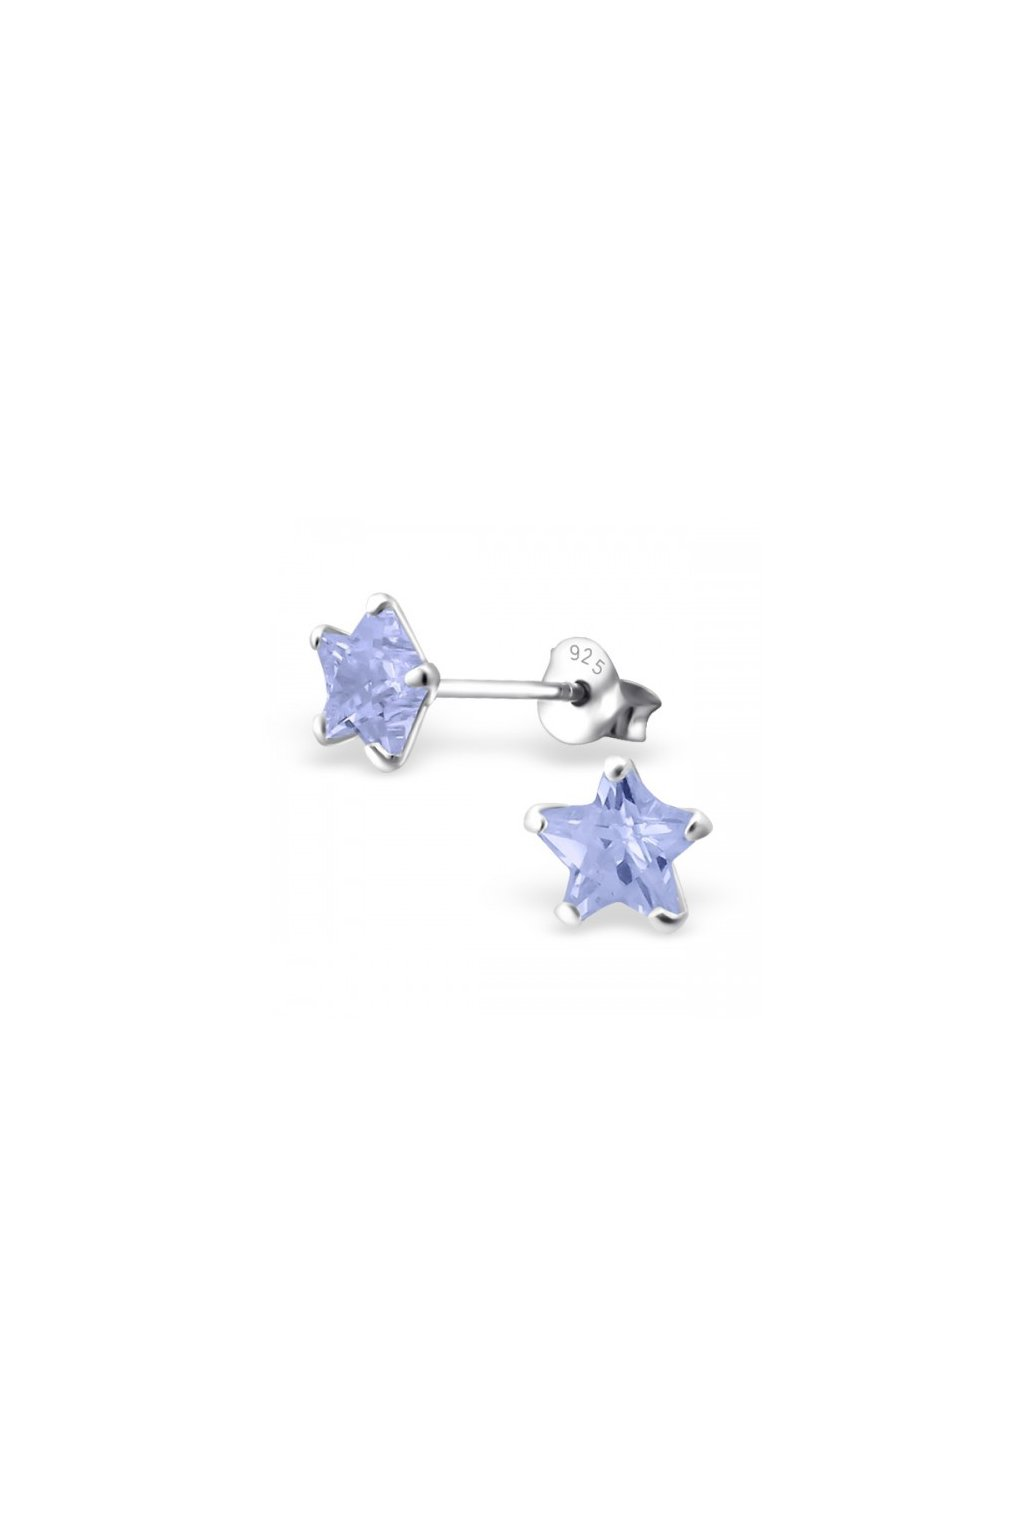 Strieborné náušnice hviezdy - 925 cz levander MS9526